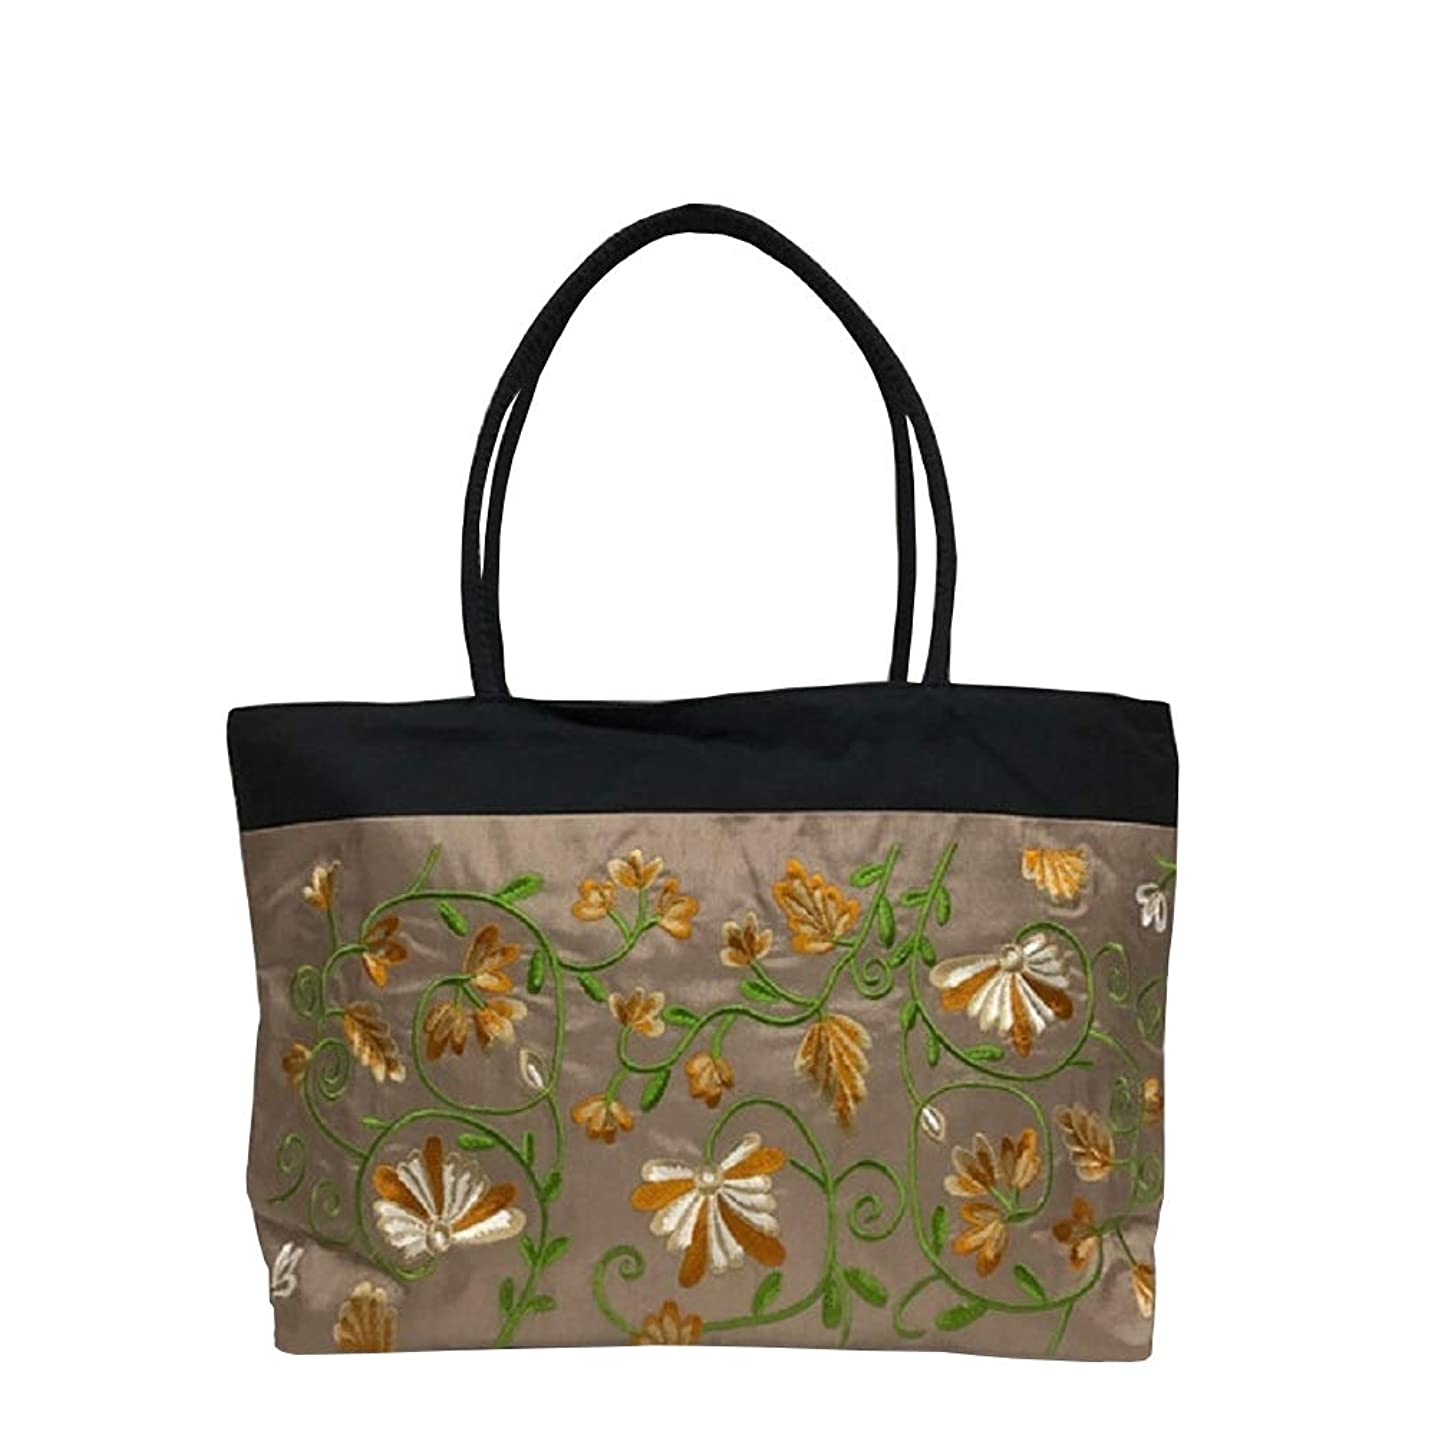 不誠実緑助言するベトナムバッグ 刺繍 トートバッグ 鞄 両面刺繍 ベトナム雑貨